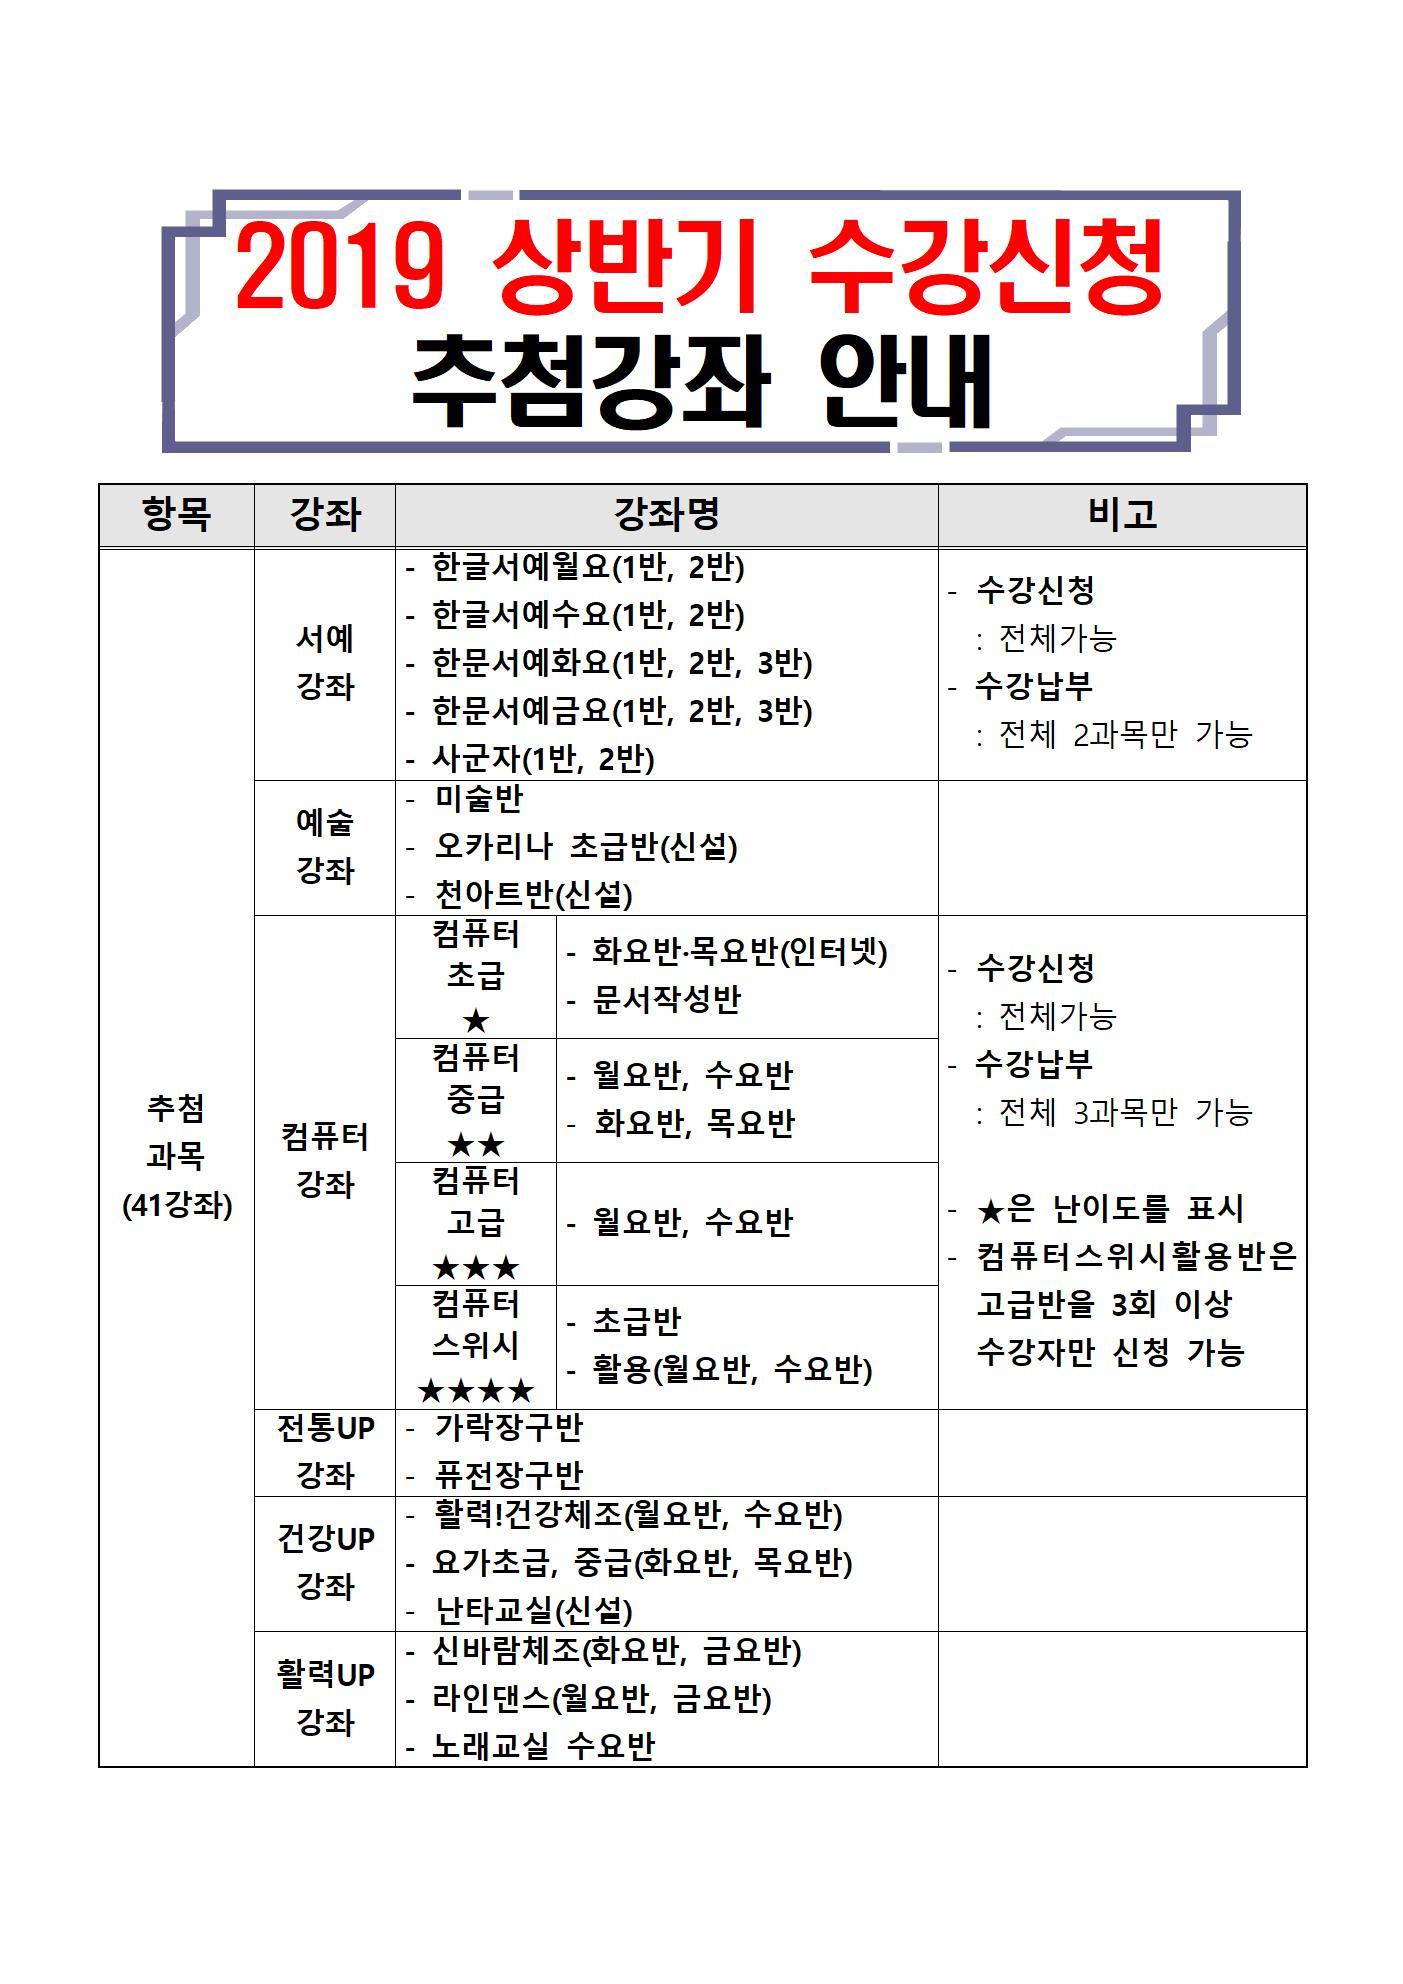 2019년 상반기 수강신청 홍보 안내2.jpg